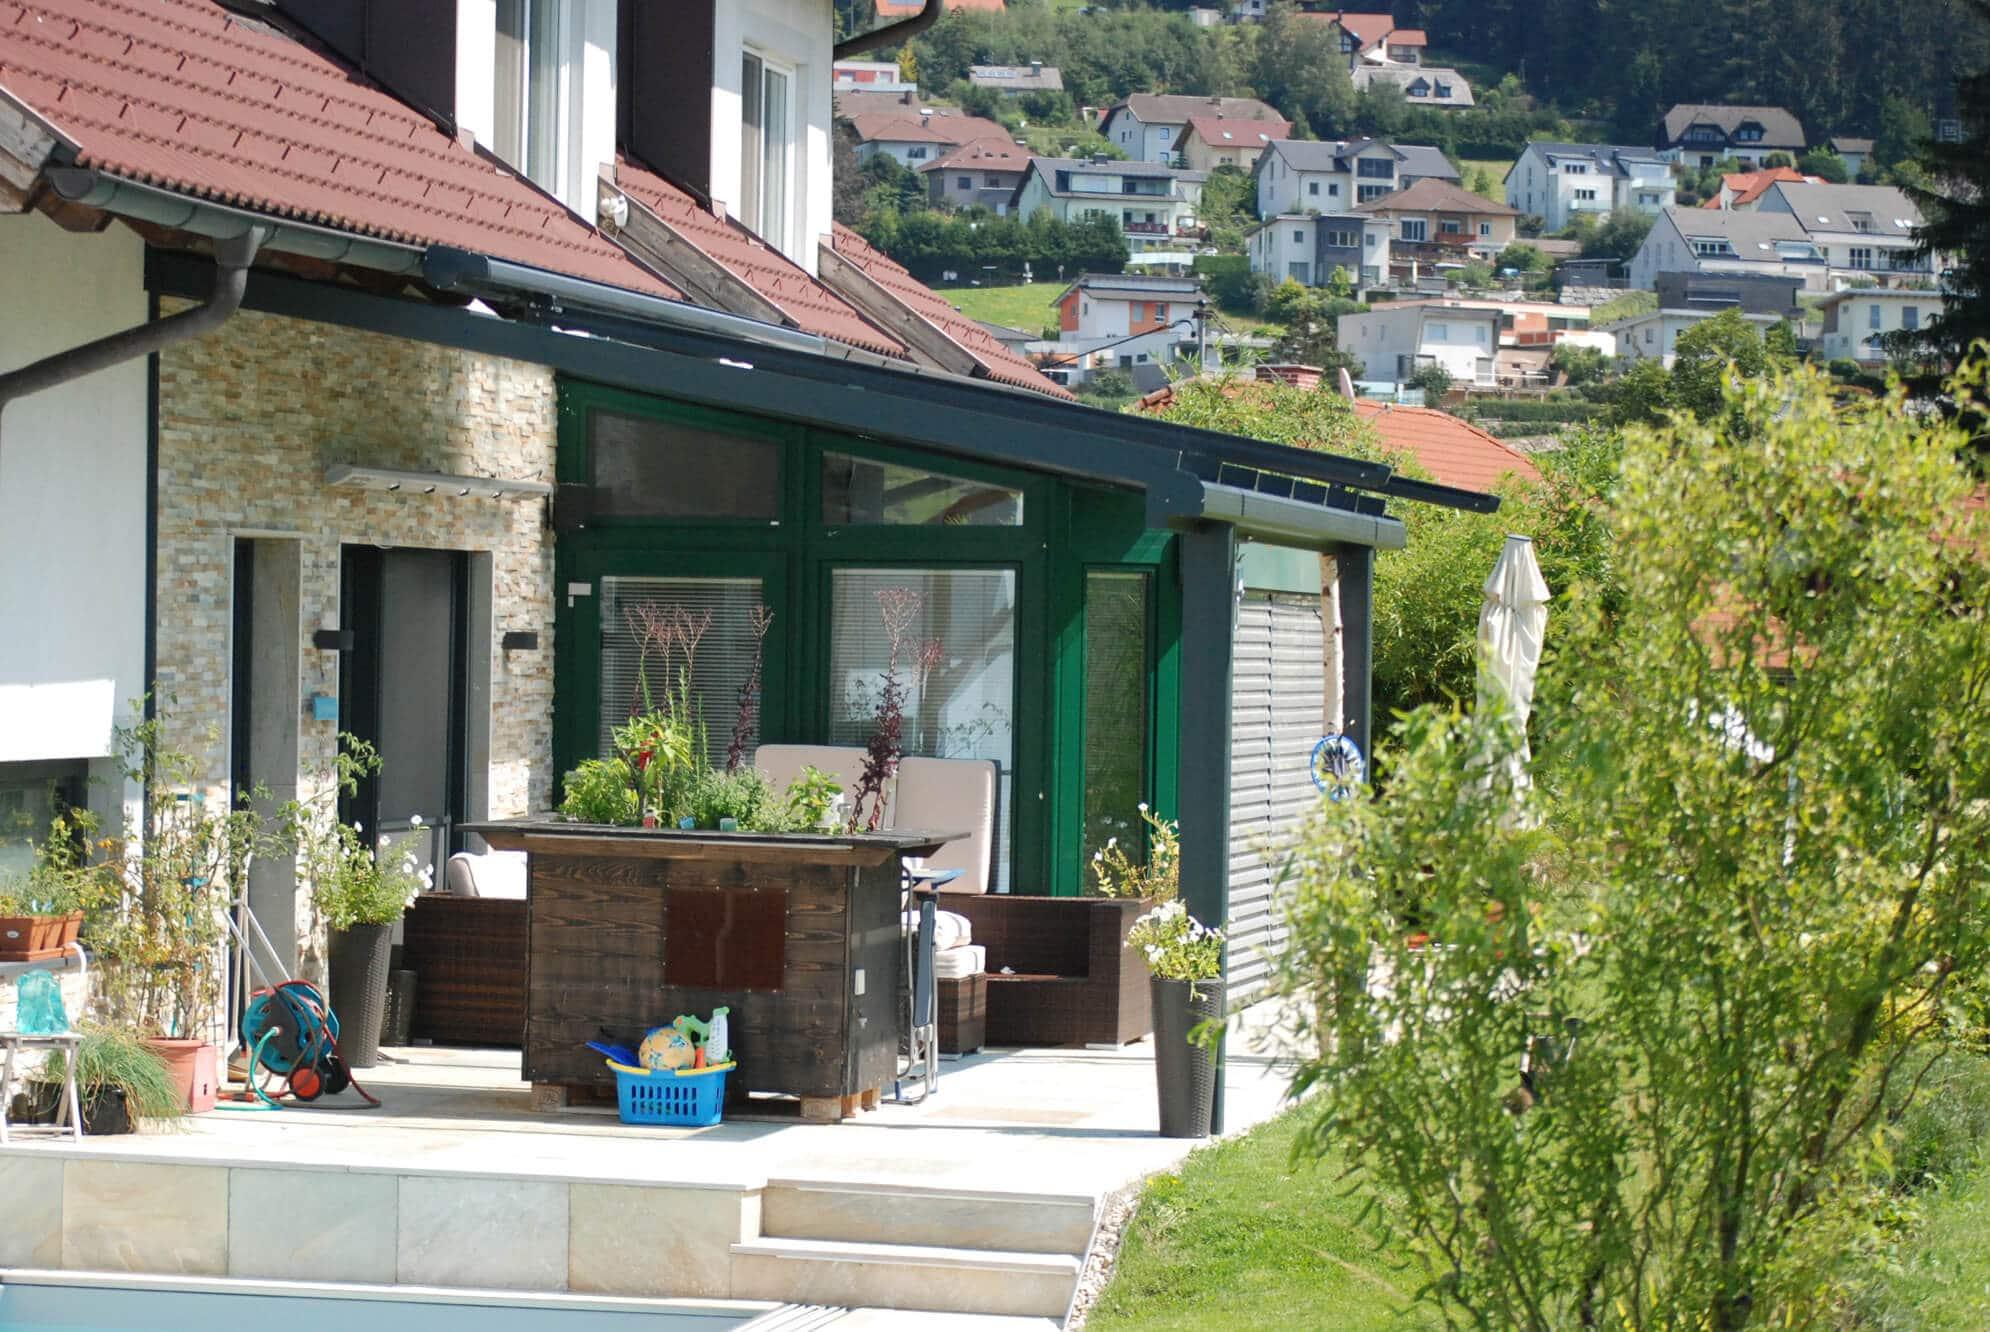 Terrassenüberdachung anthrazit Beschattung außen